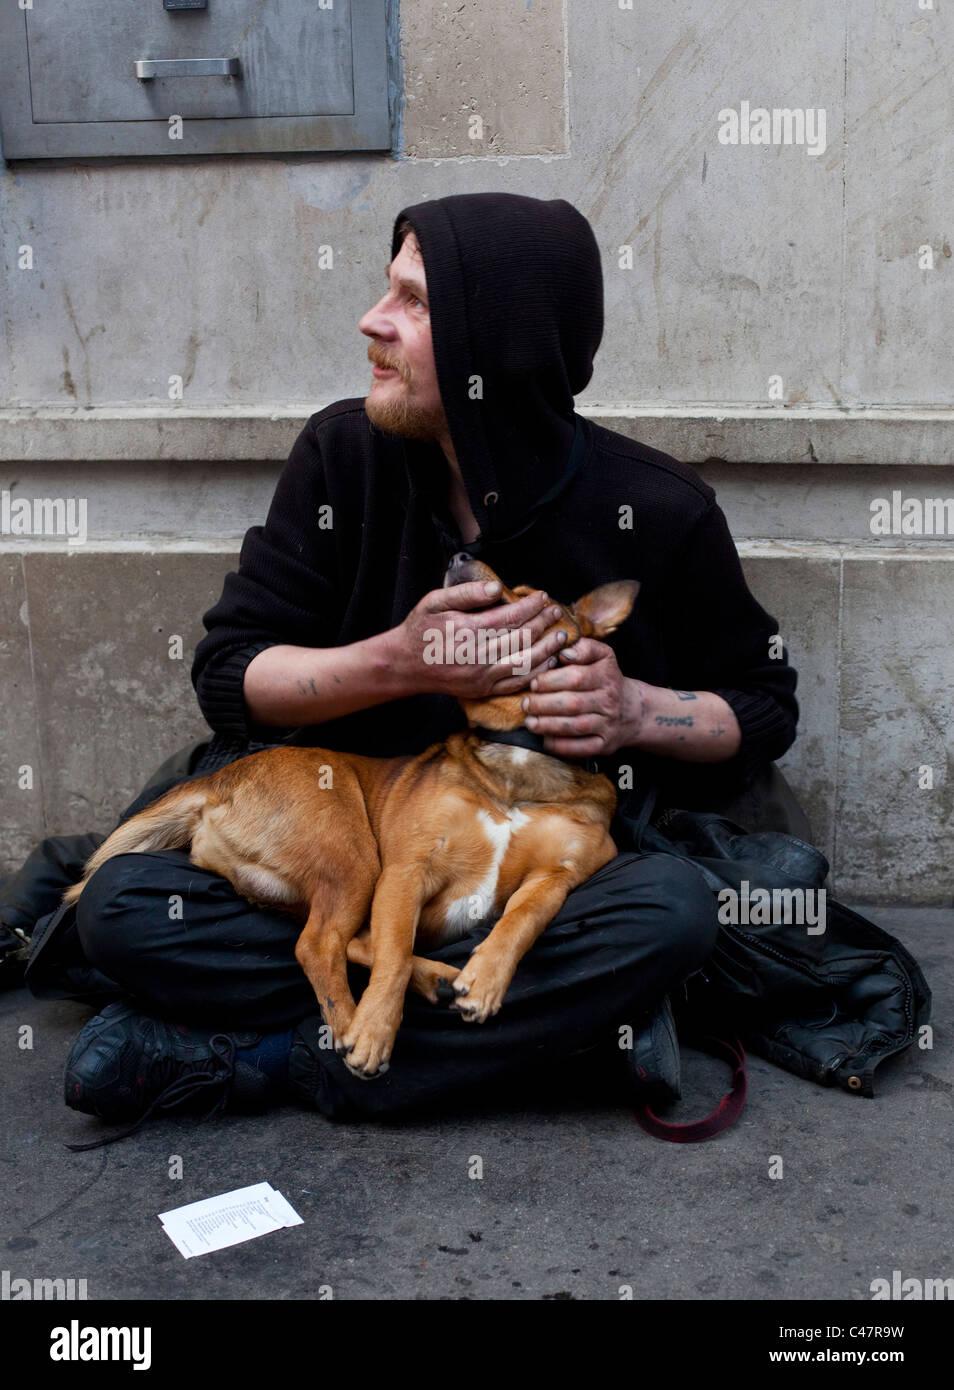 Un sans-abri mendier de l'argent sur le trottoir et tenant son animal n', Londres, Angleterre, Royaume-Uni. Photo Stock